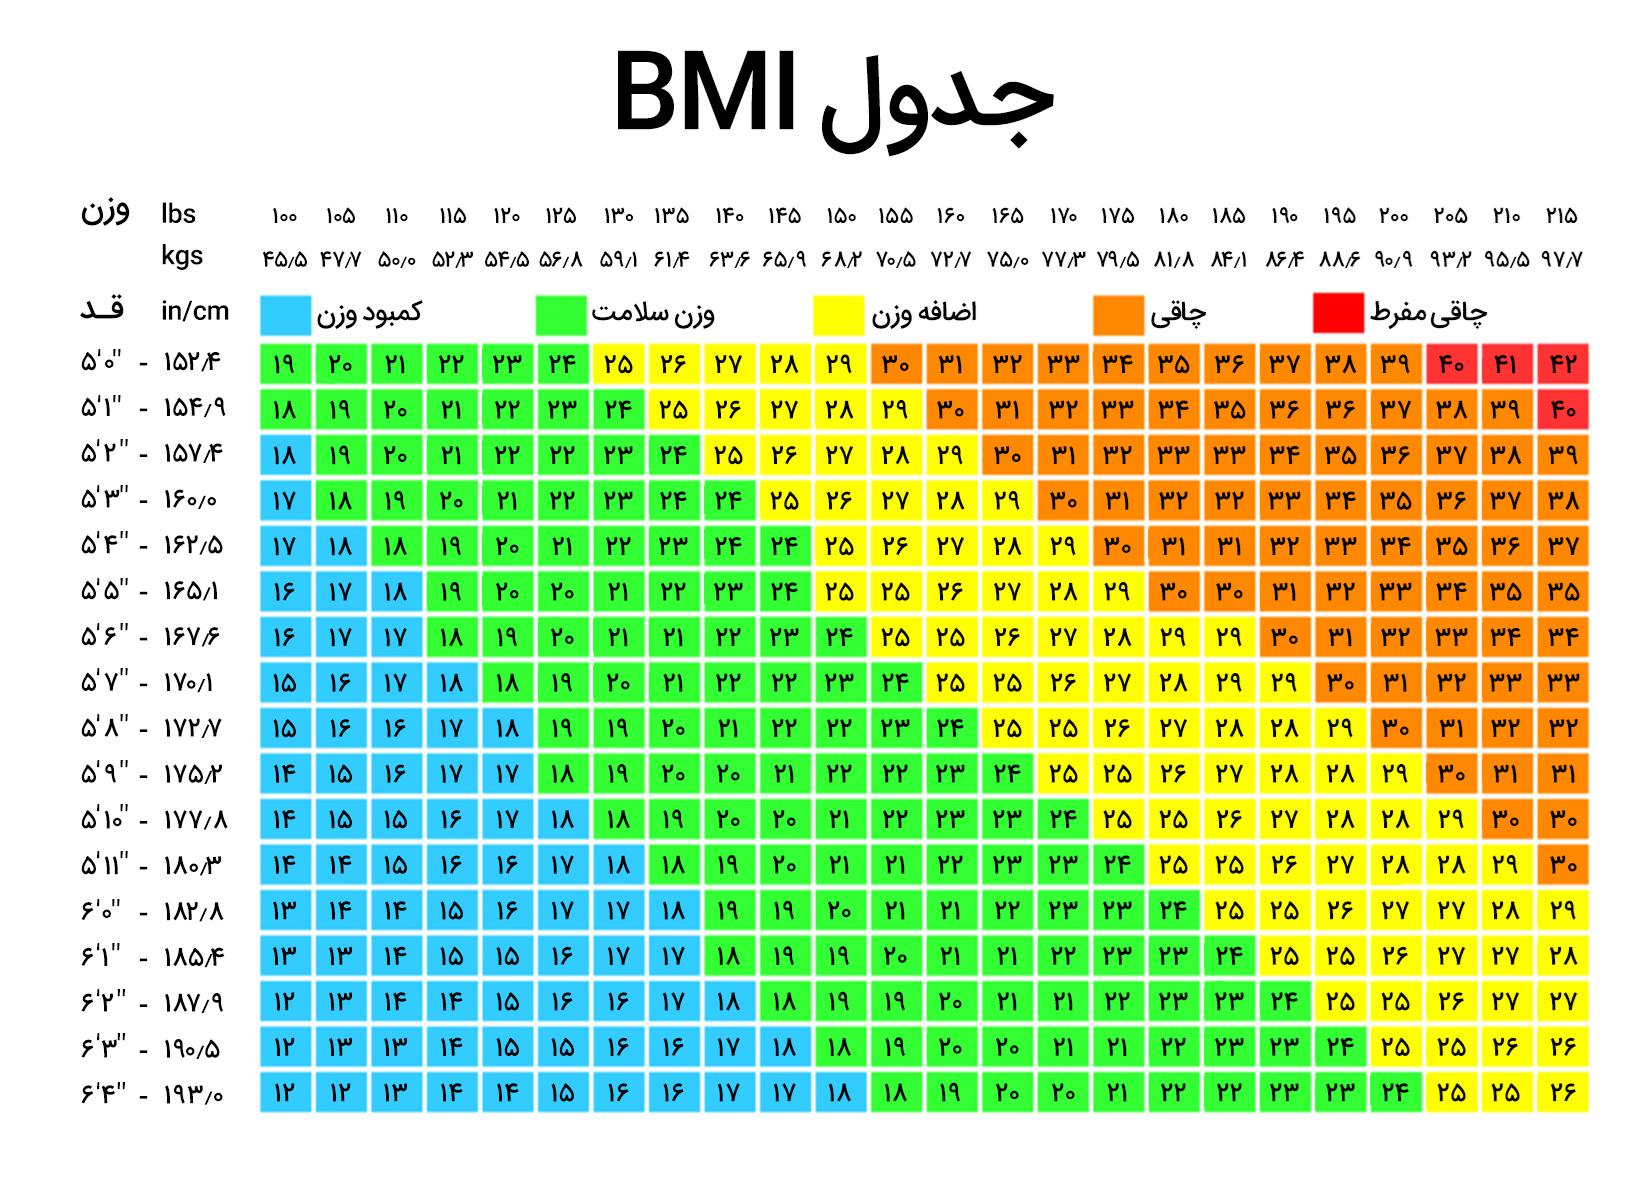 جدول محاسبه شاخص توده بدنی BMI به چه صورت تشکیل میشود؟